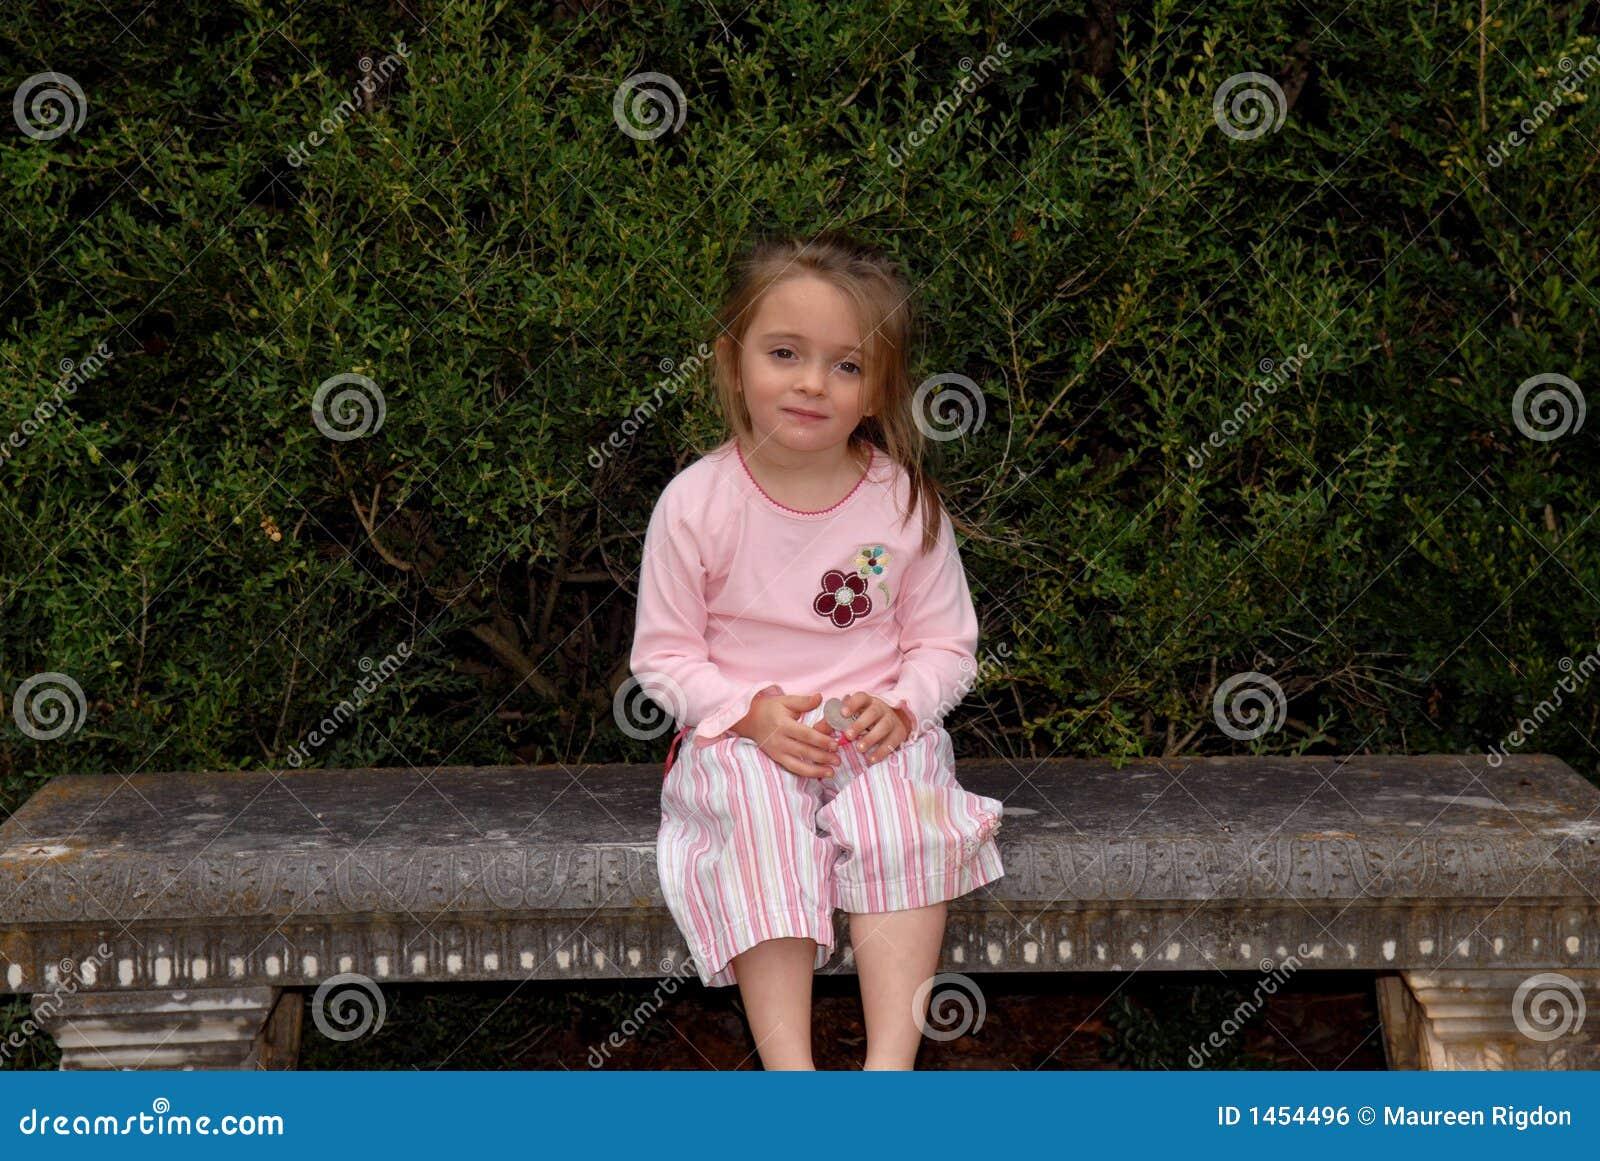 Little Girl Sitting On Garden Bench Stock Photo Image